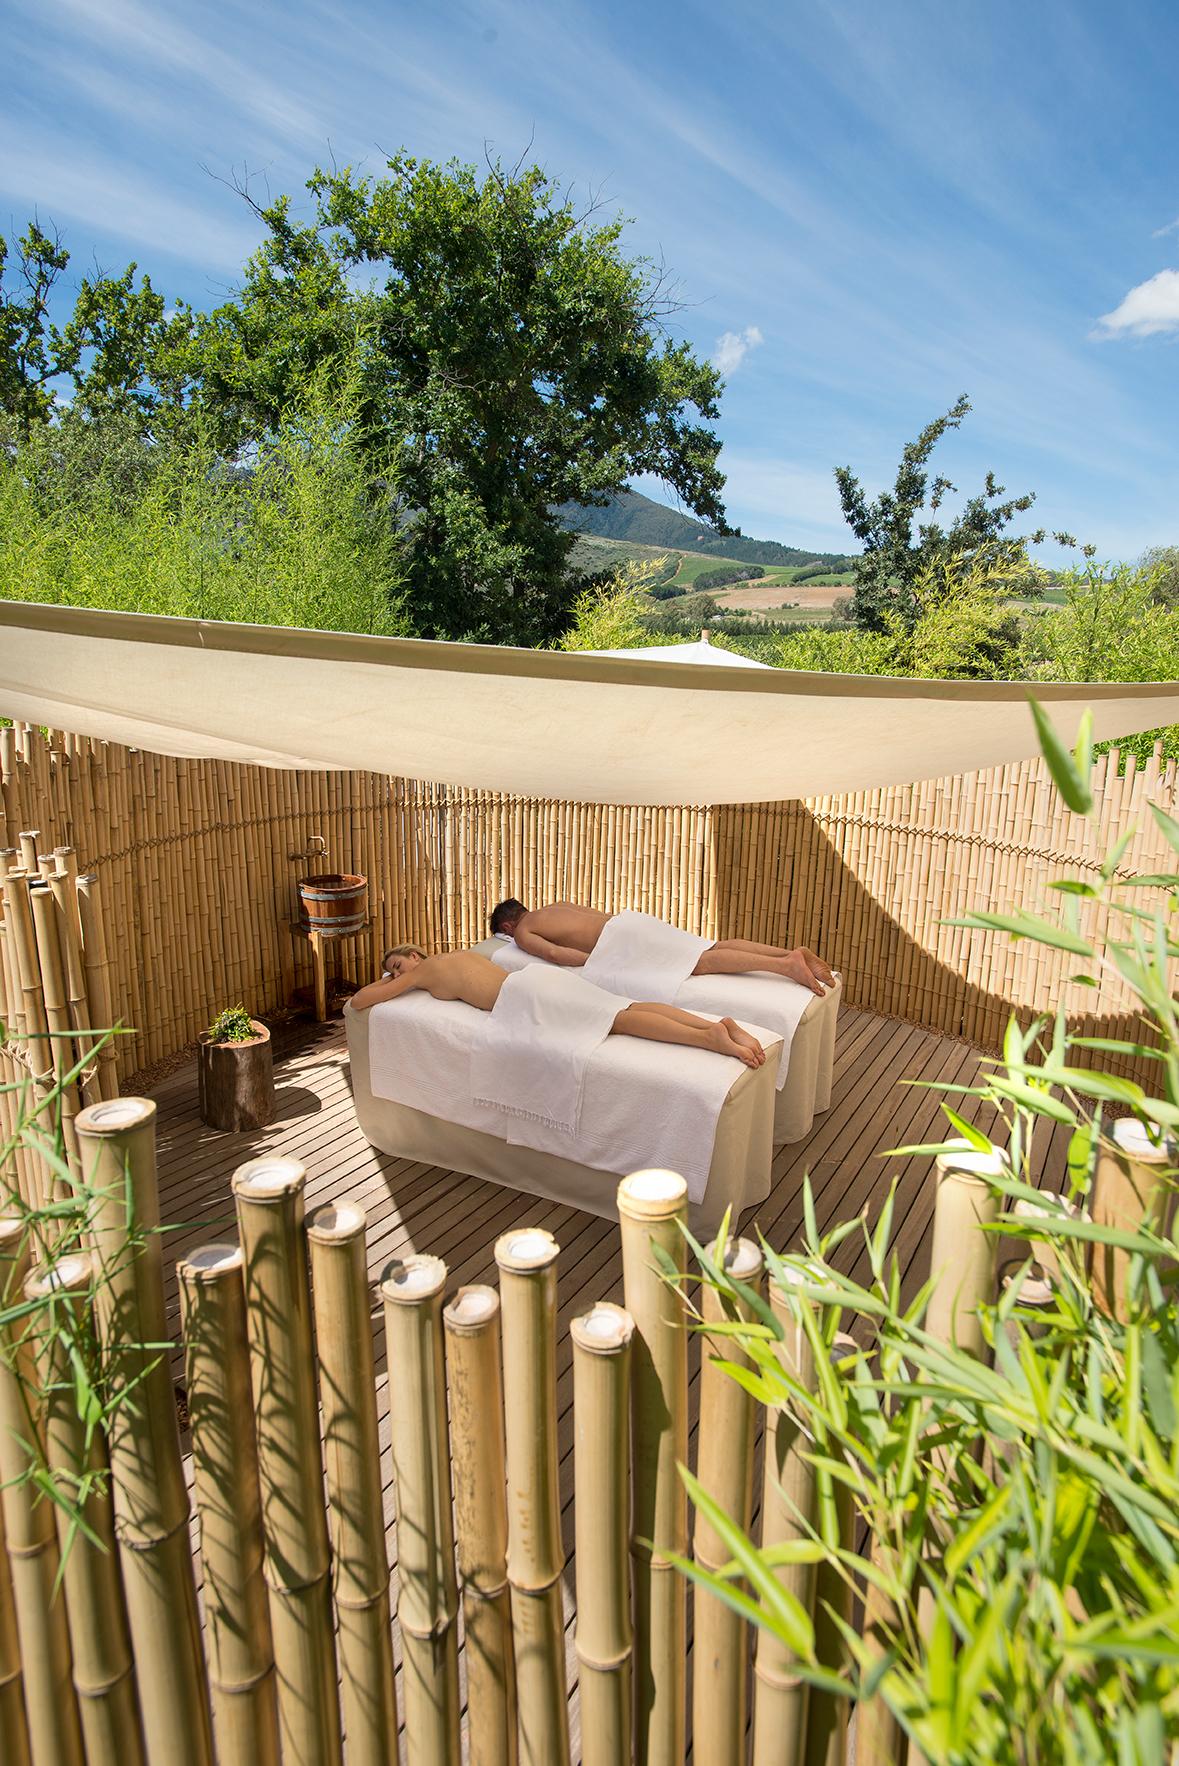 Massage Treatment at the Babylosntoren Garden Spa